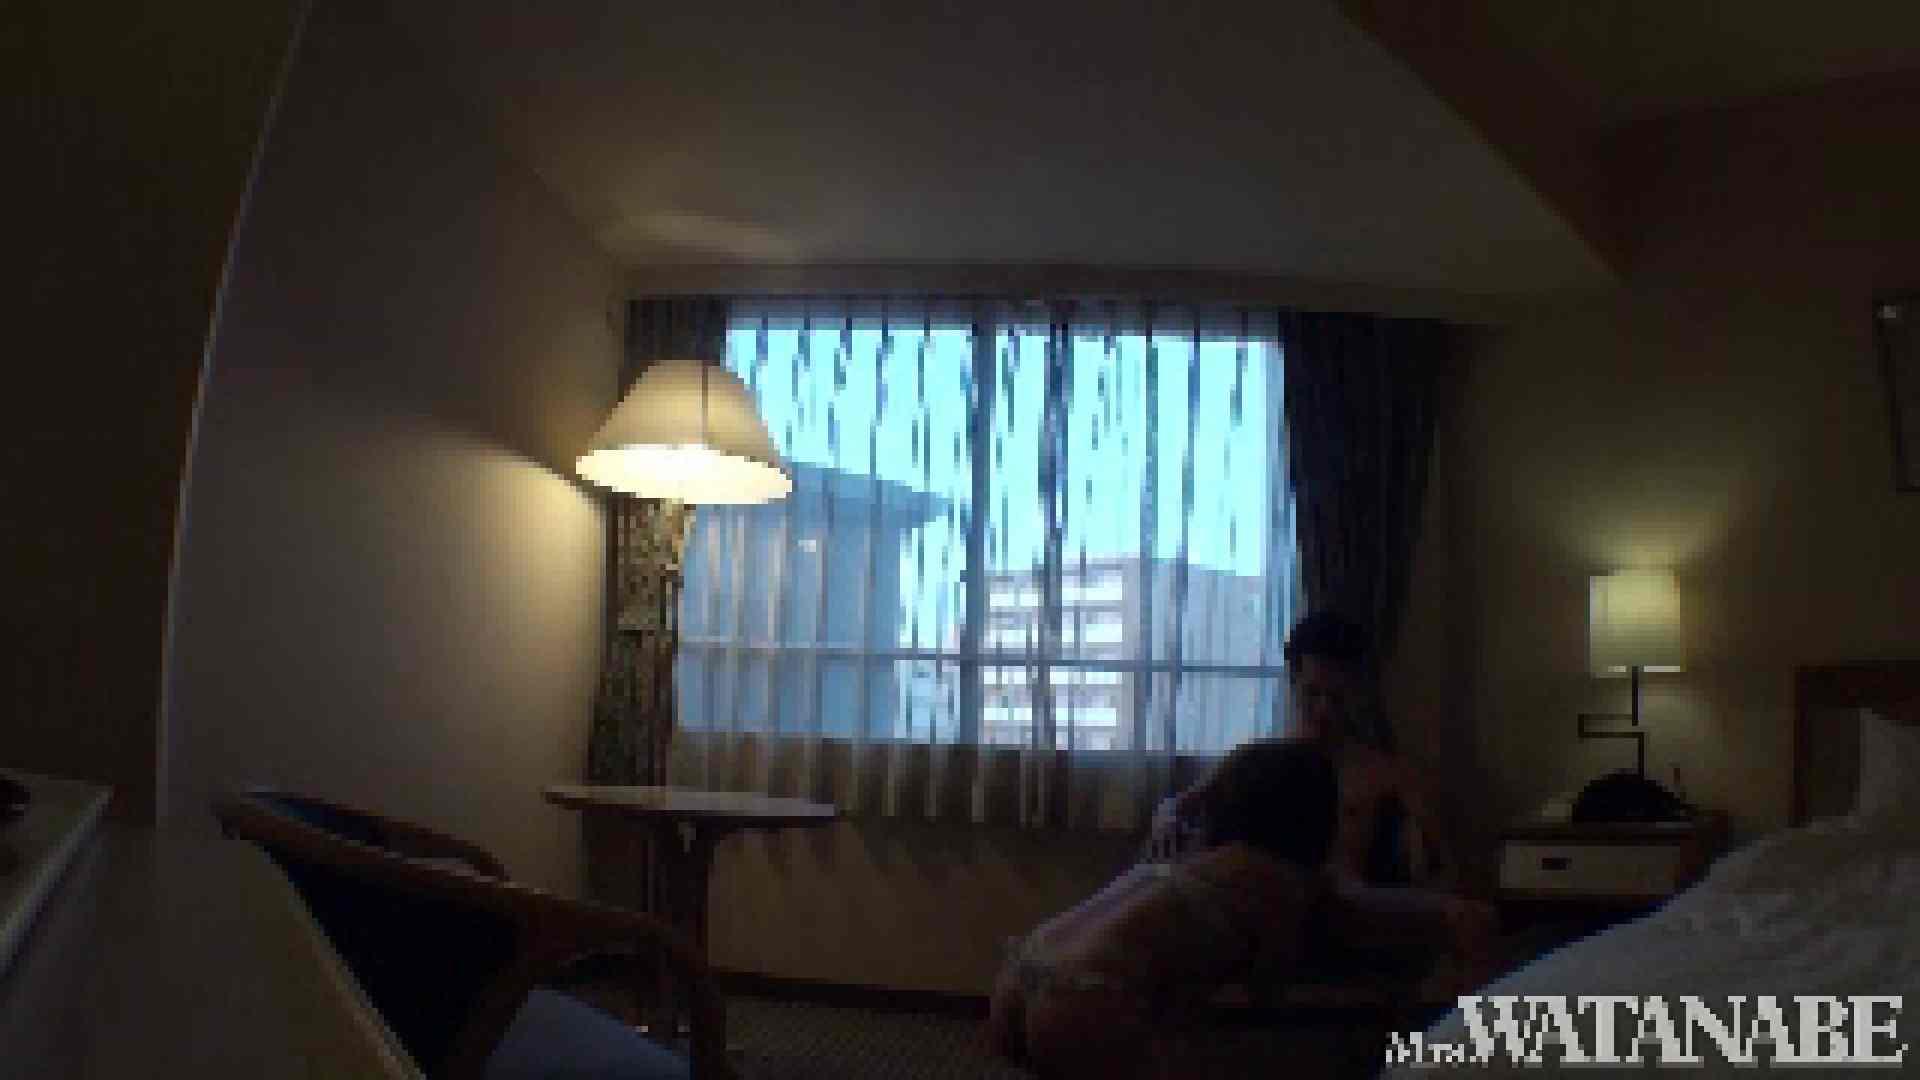 撮影スタッフを誘惑する痴熟女 かおり40歳 Vol.03 OLのエッチ  93pic 66